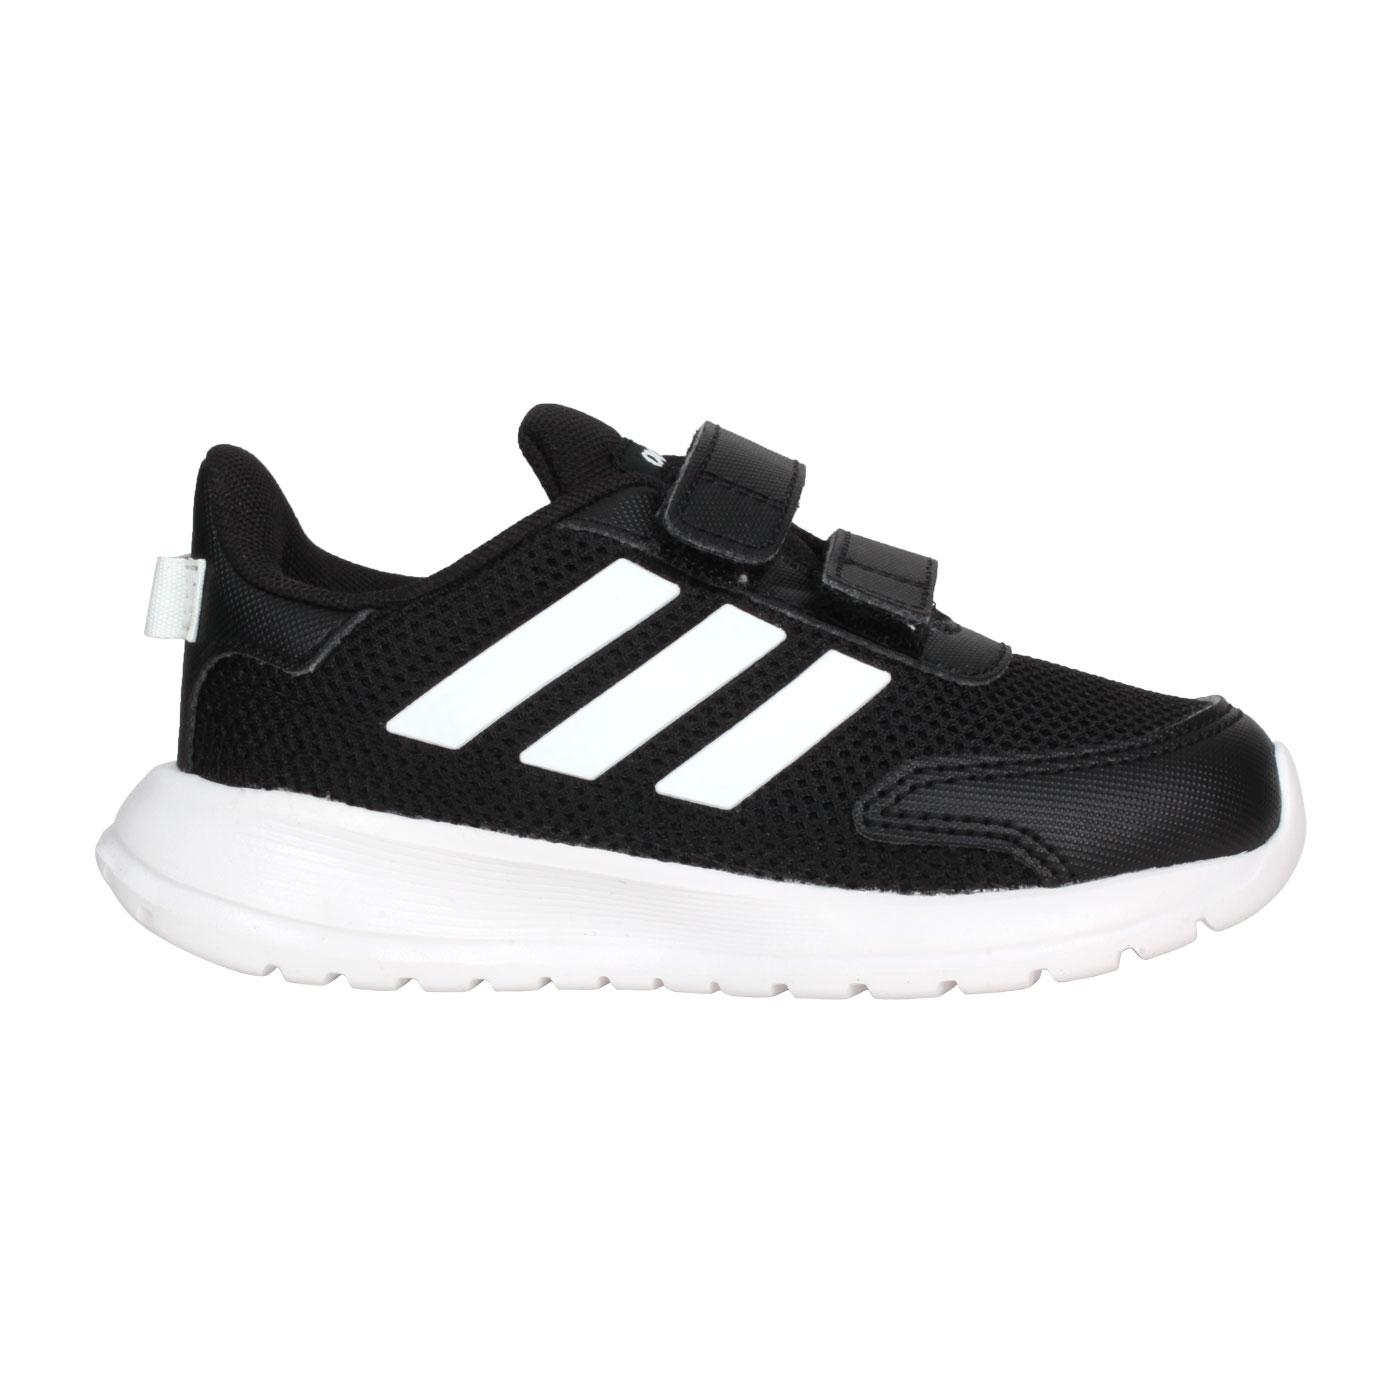 ADIDAS 小童休閒運動鞋 EG4142